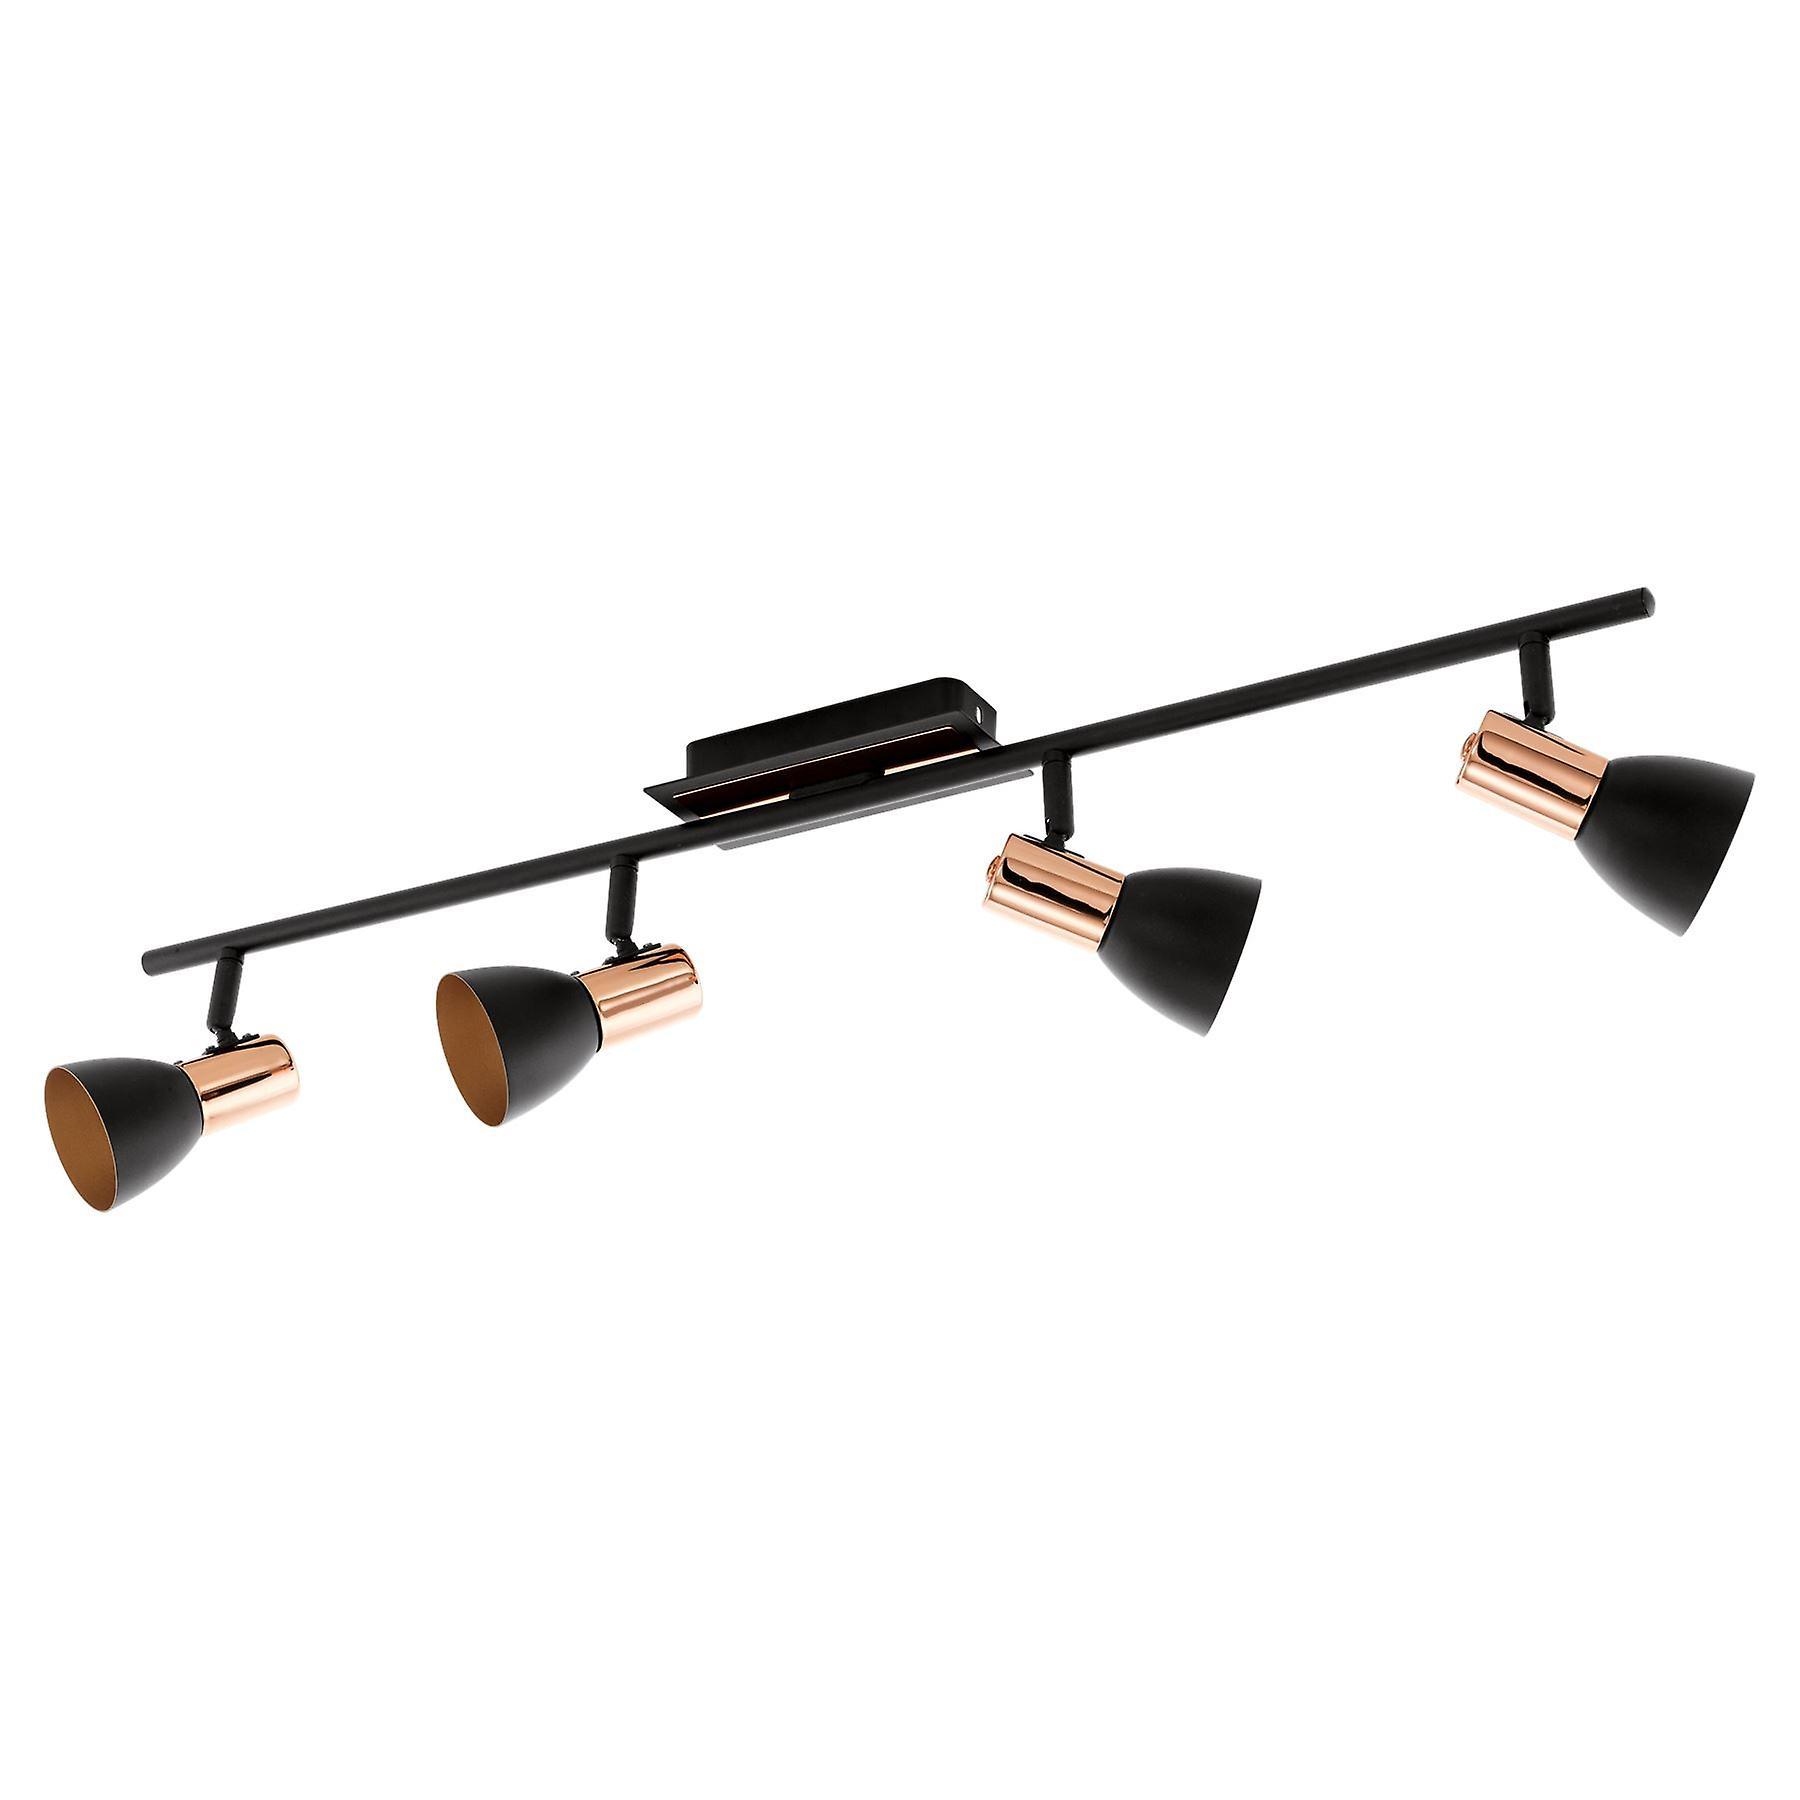 Eglo - Barnham Matt noir & Copper Quad LED Spot Light EG94587